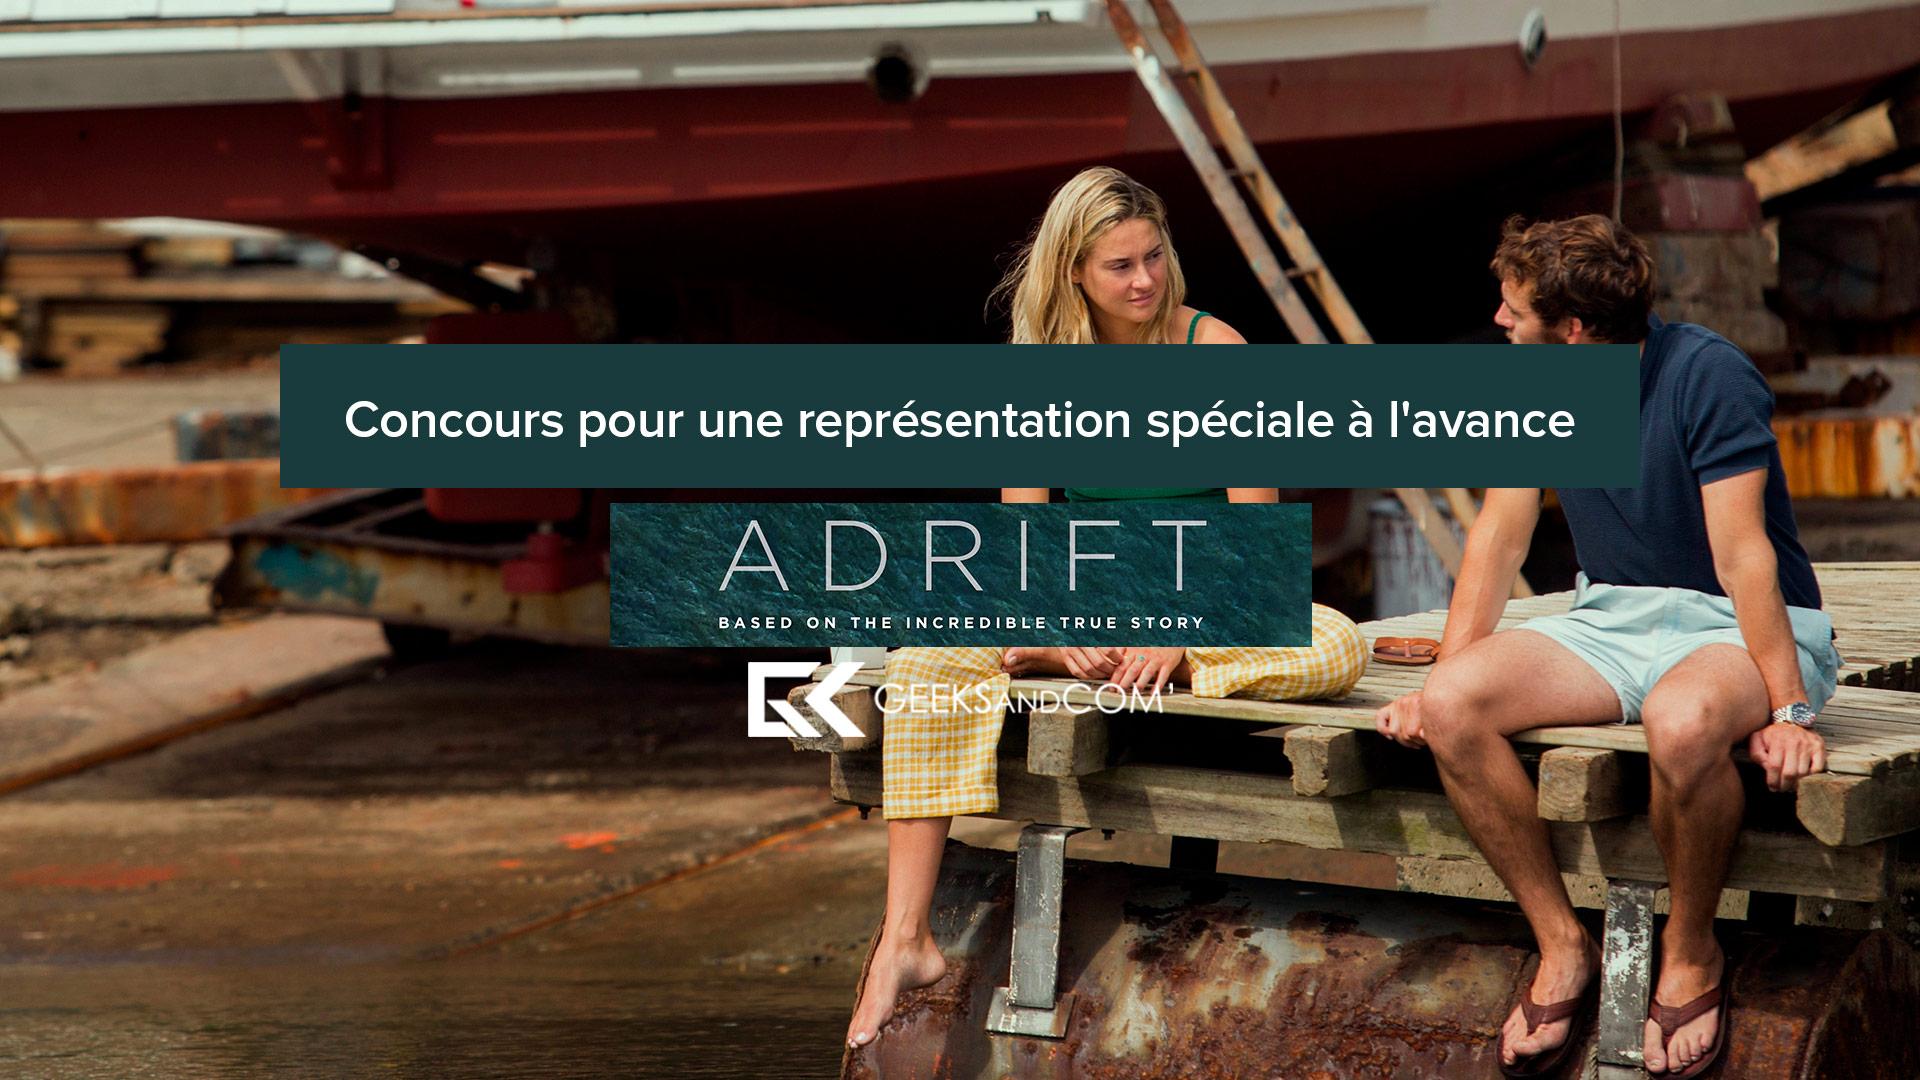 [Montréal] Concours pour une représentation spéciale à l'avance du film ADRIFT (VOA ou FR)